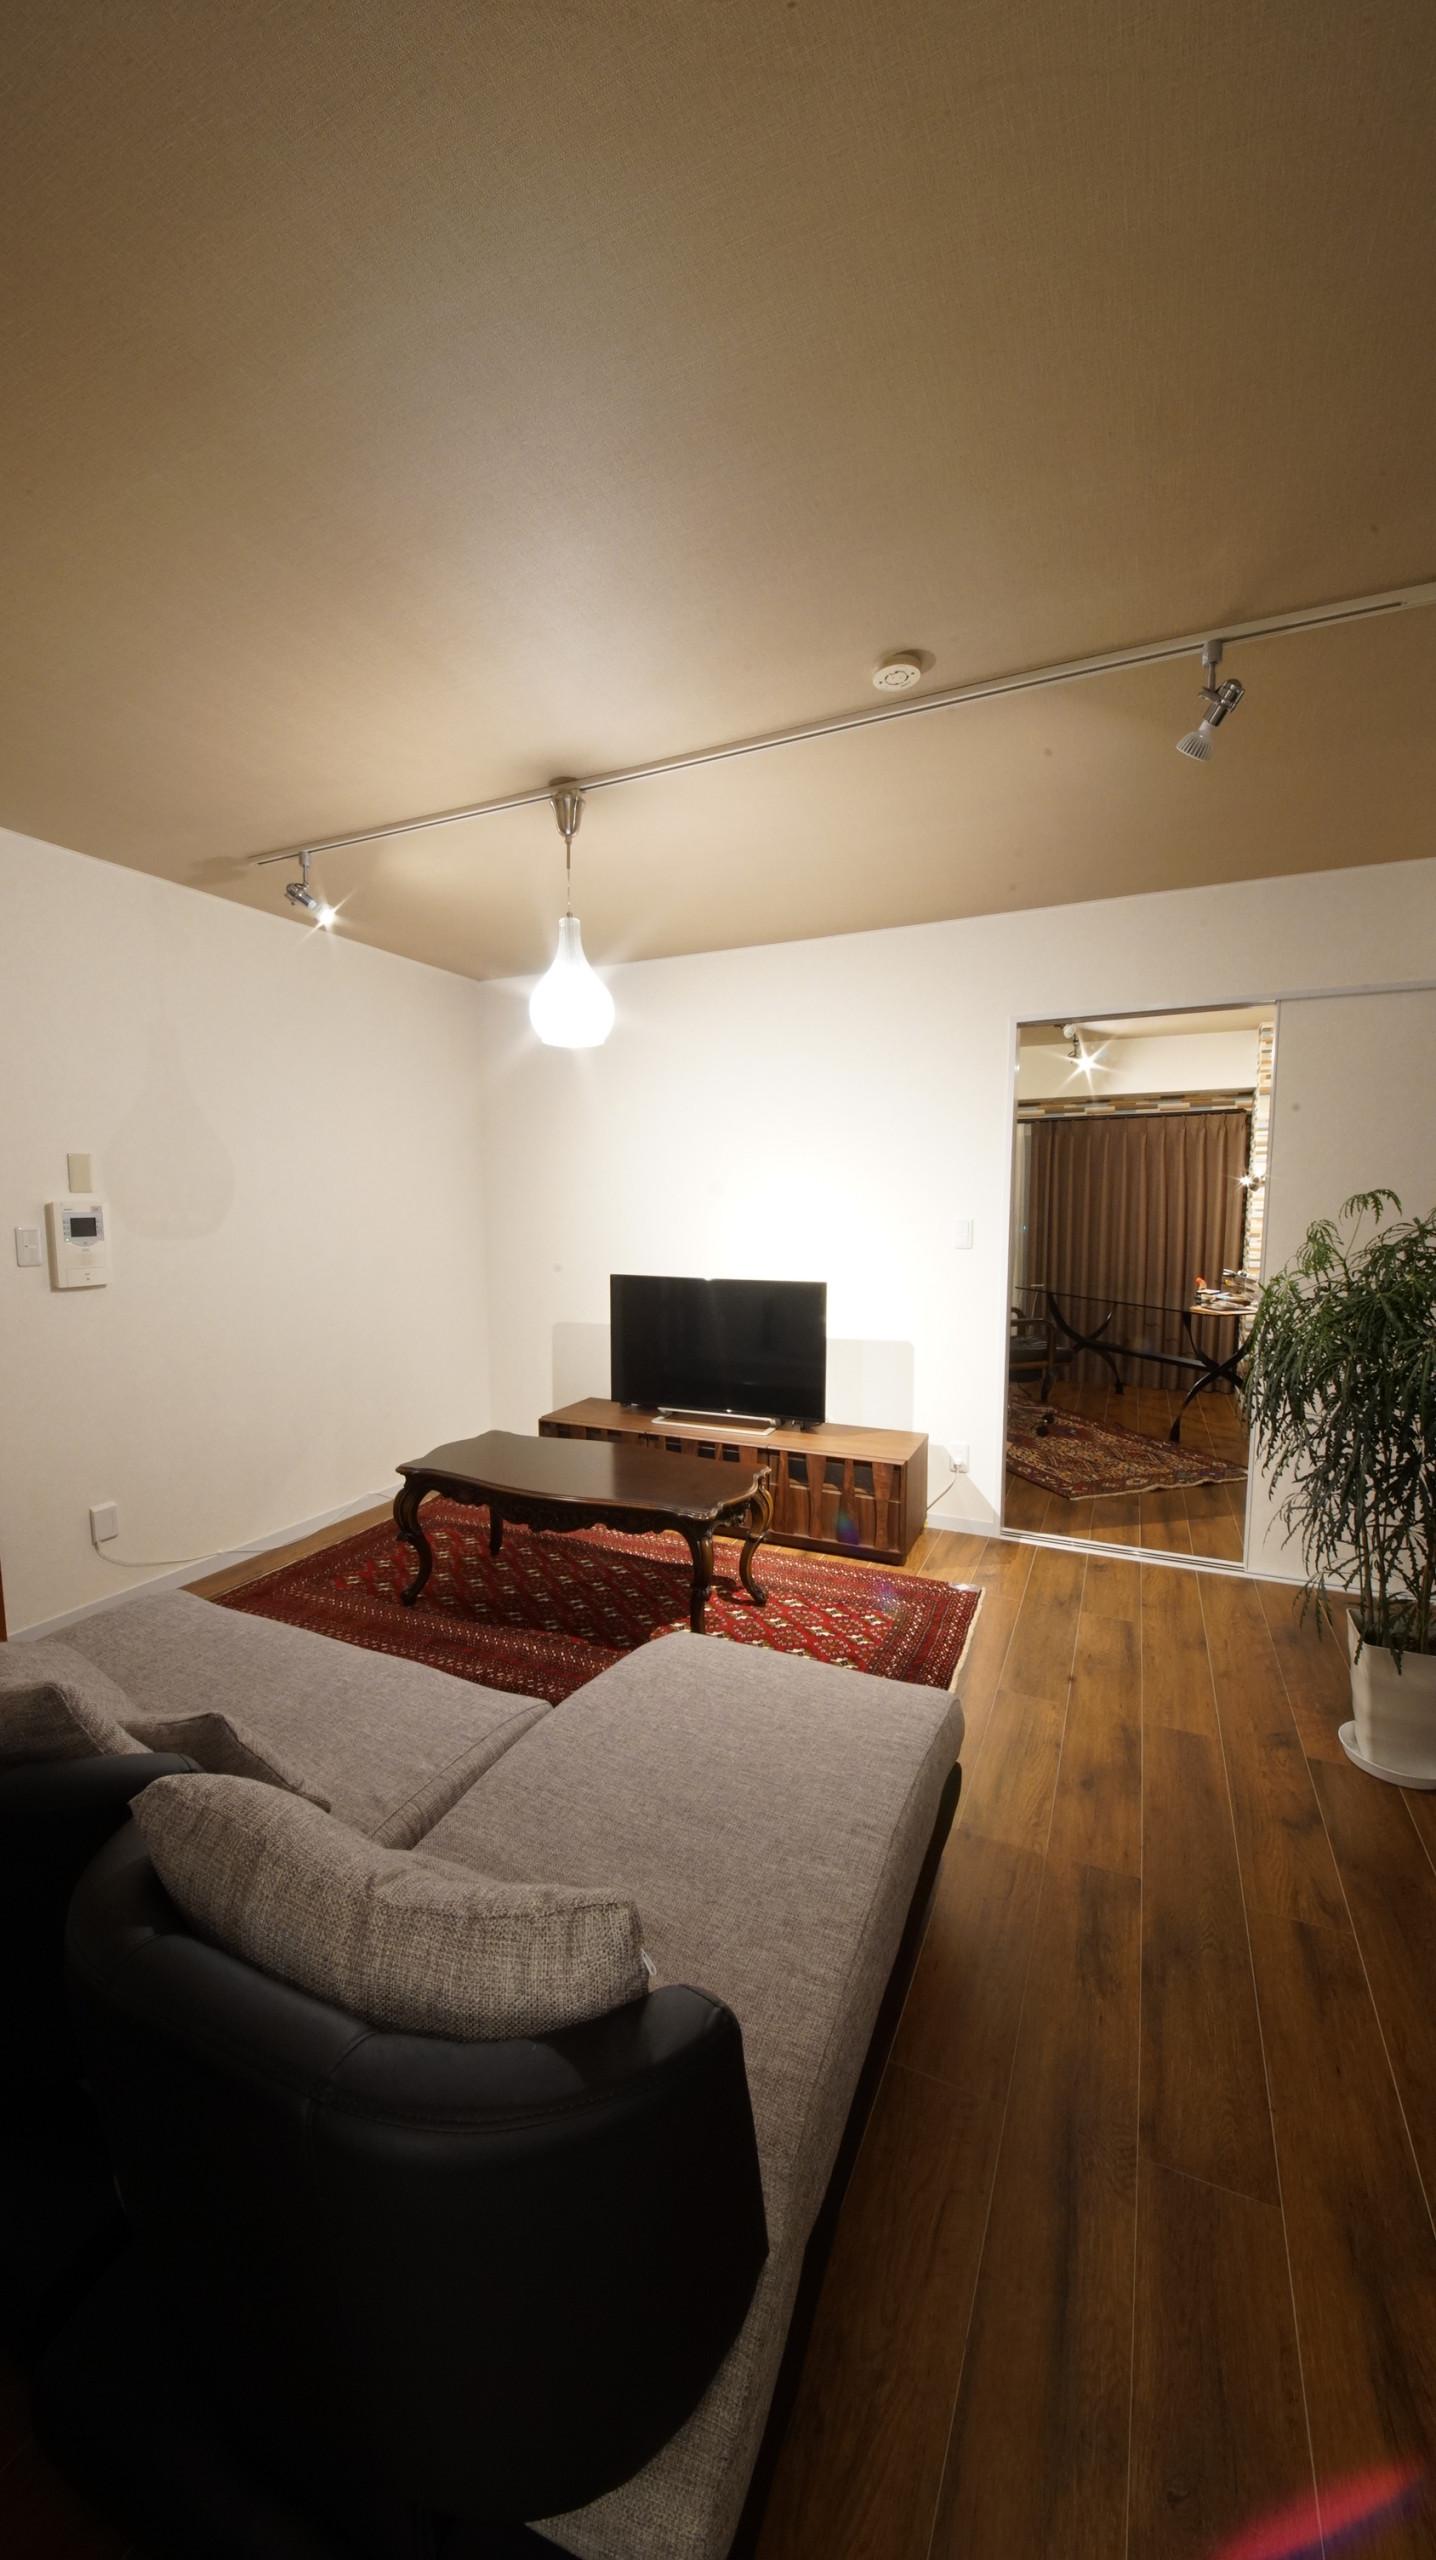 アンティーク?(笑)築30年のマンションもリノベすれば、最高の住まいに!